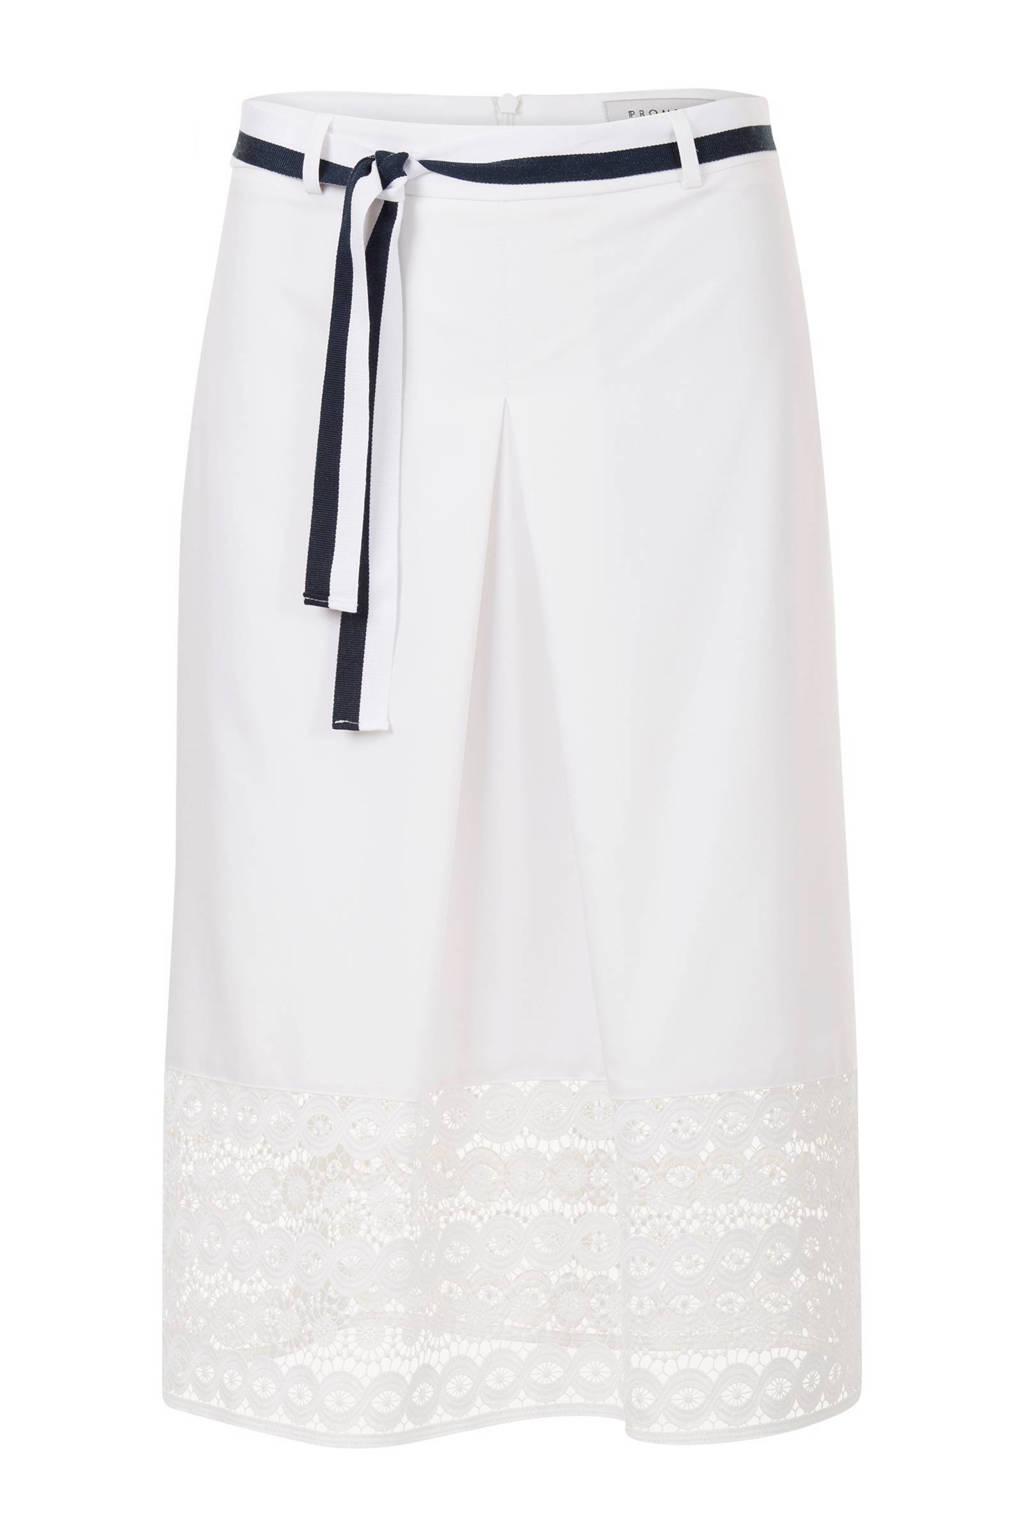 Promiss jurk met kant gebroken wit, Wit